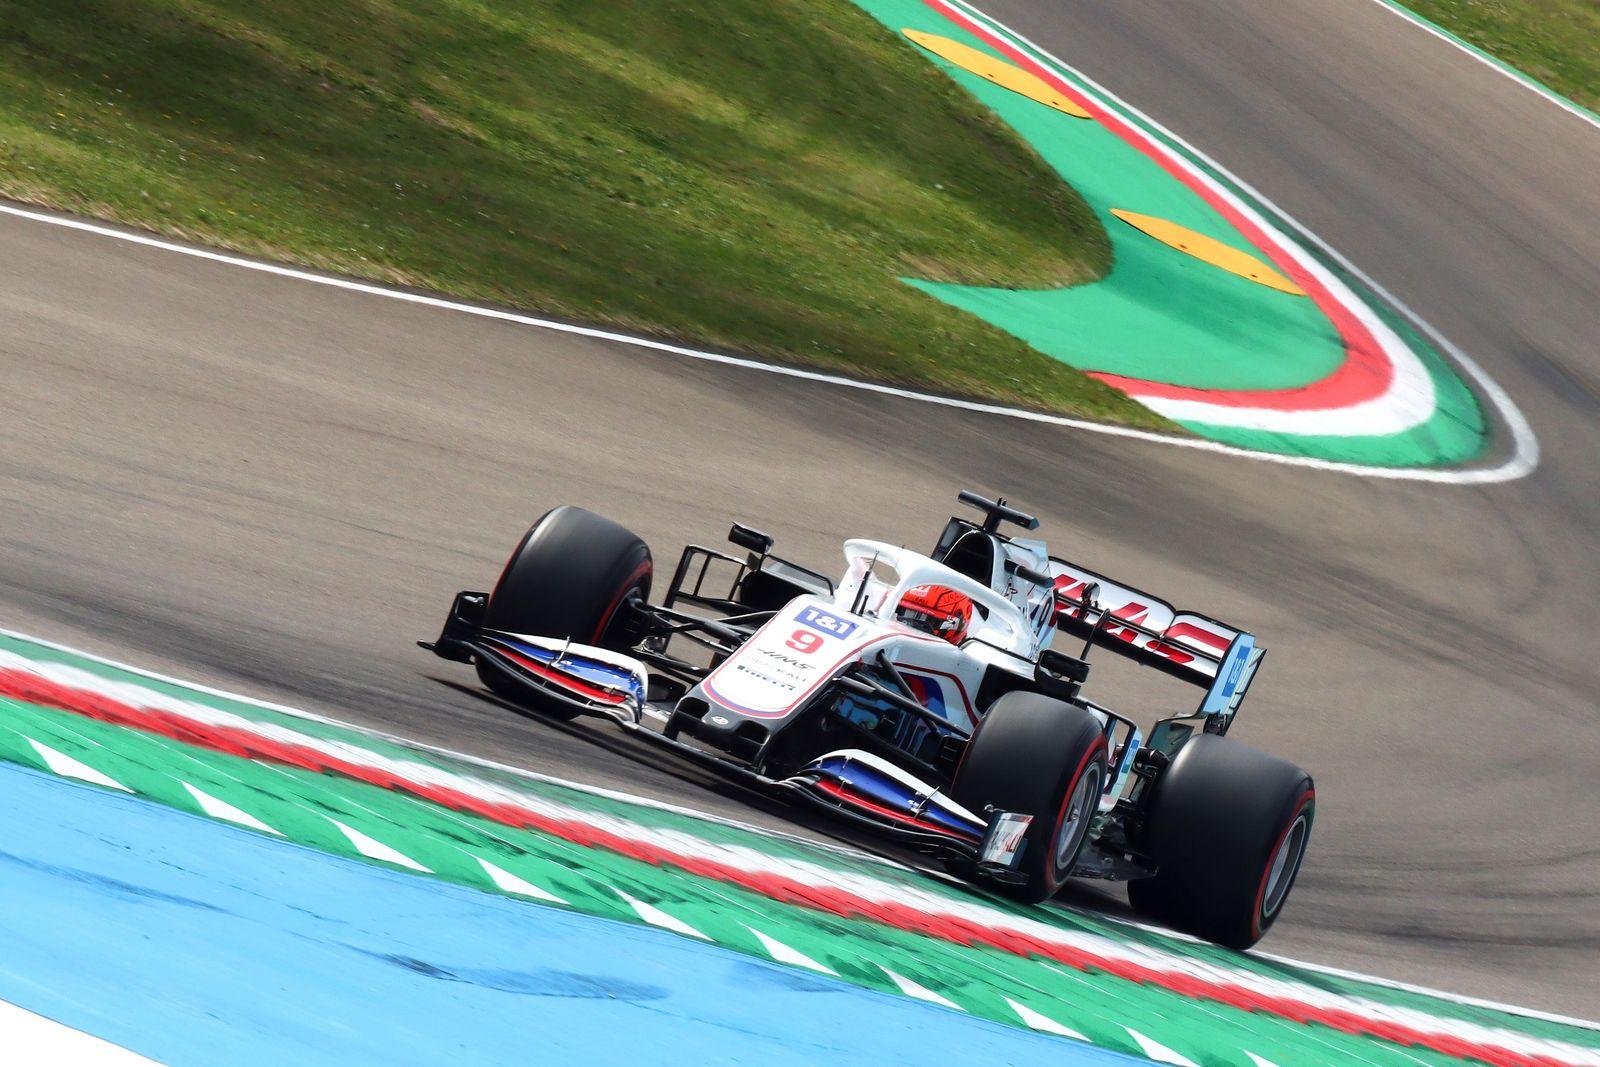 Gran Premio de Formula 1 de la Emilia Romaña